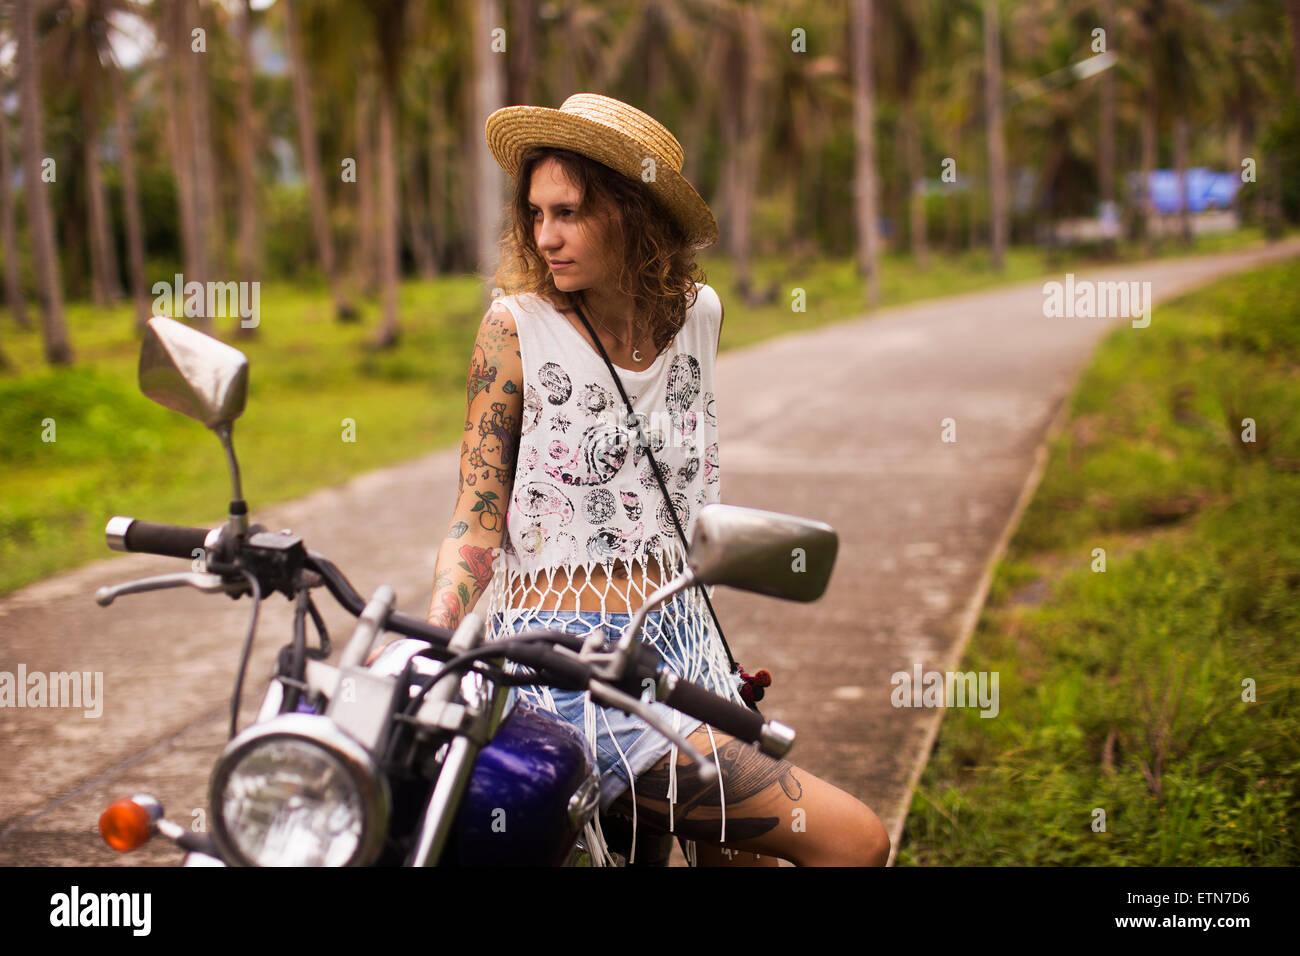 Edgy femme tatouée assis sur une moto Photo Stock